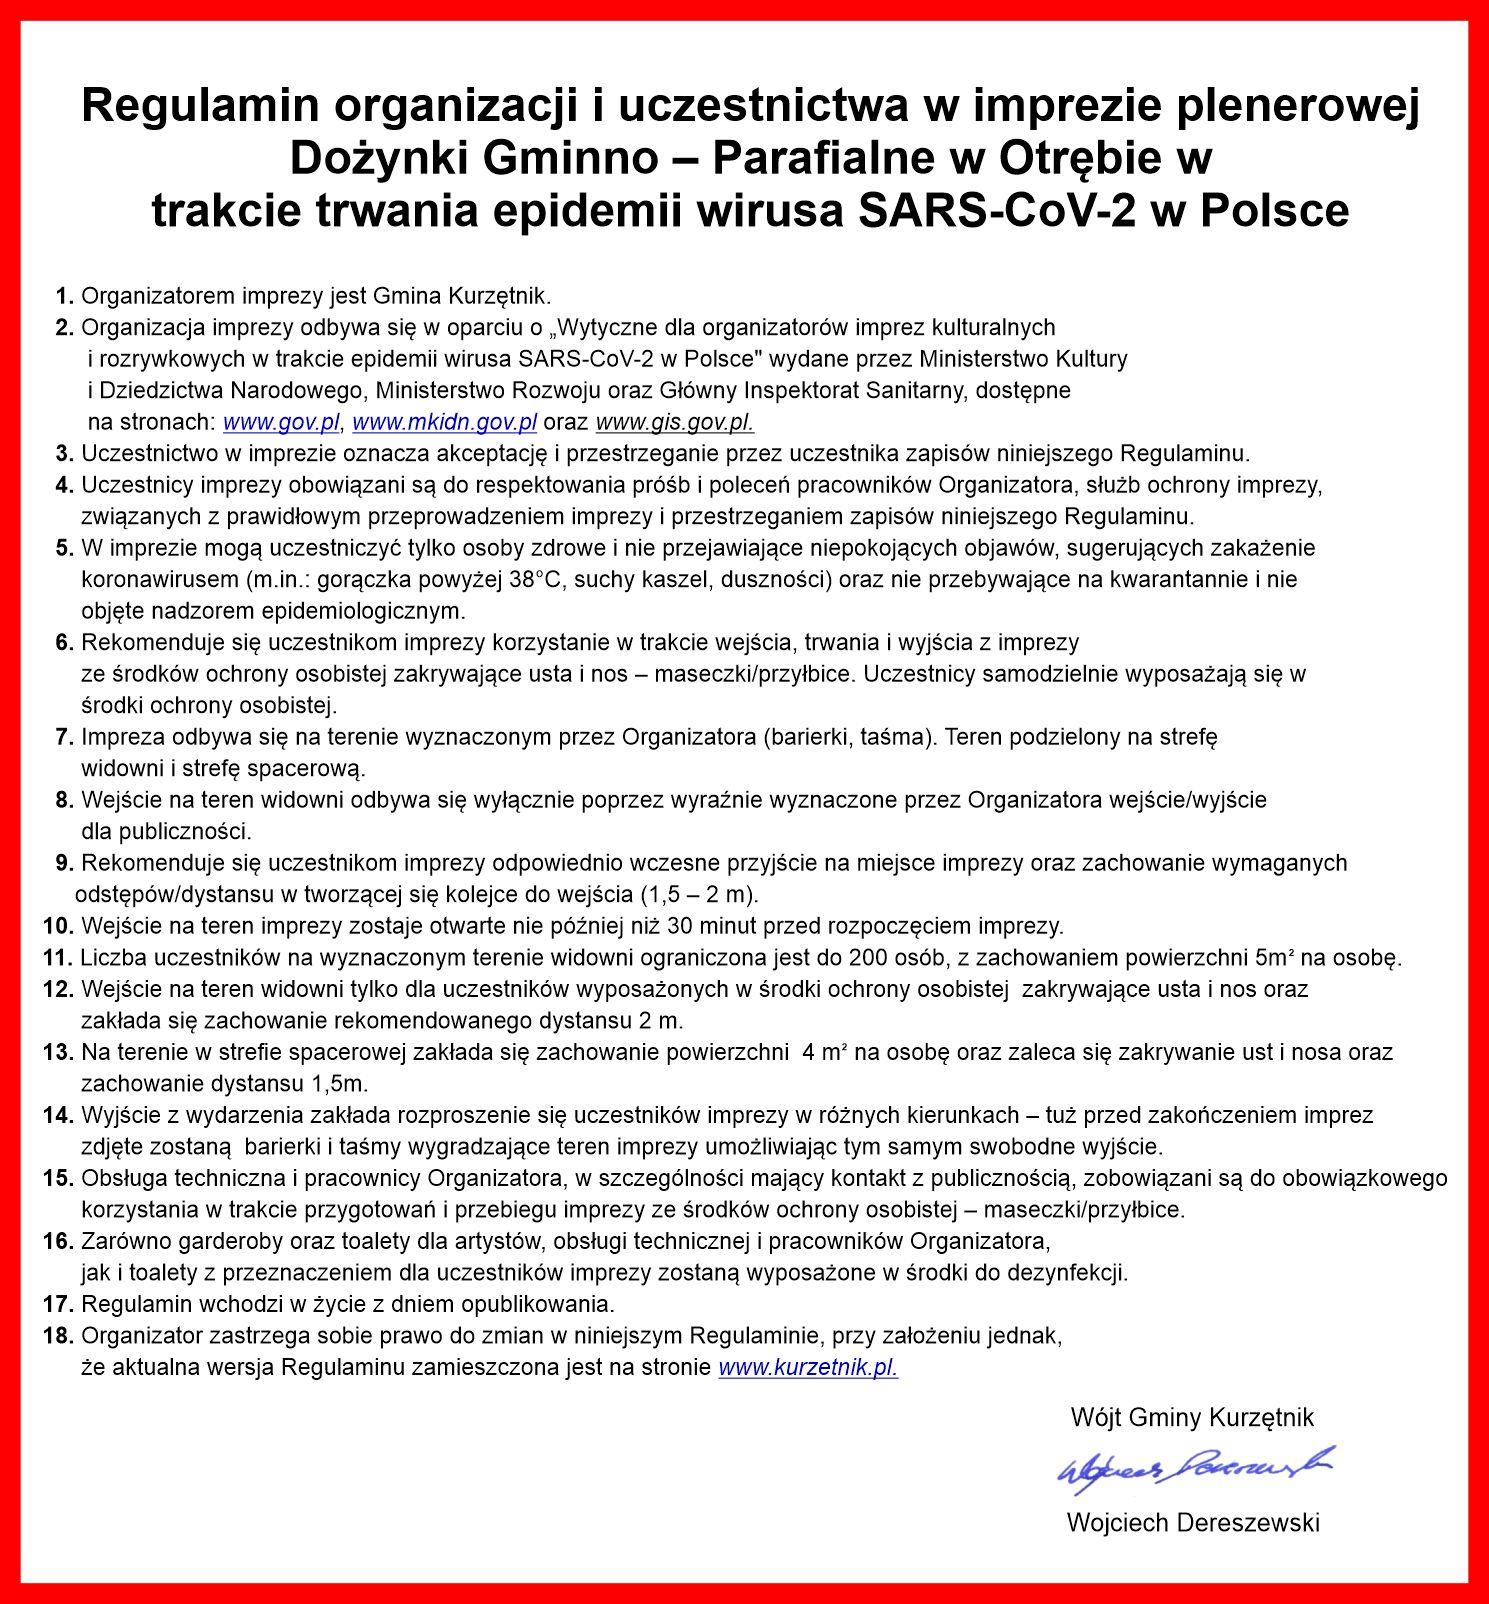 Ilustracja do informacji: Regulamin organizacji i uczestnictwa w imprezie plenerowej Dożynki Gminno-Parafialne w Otrębie